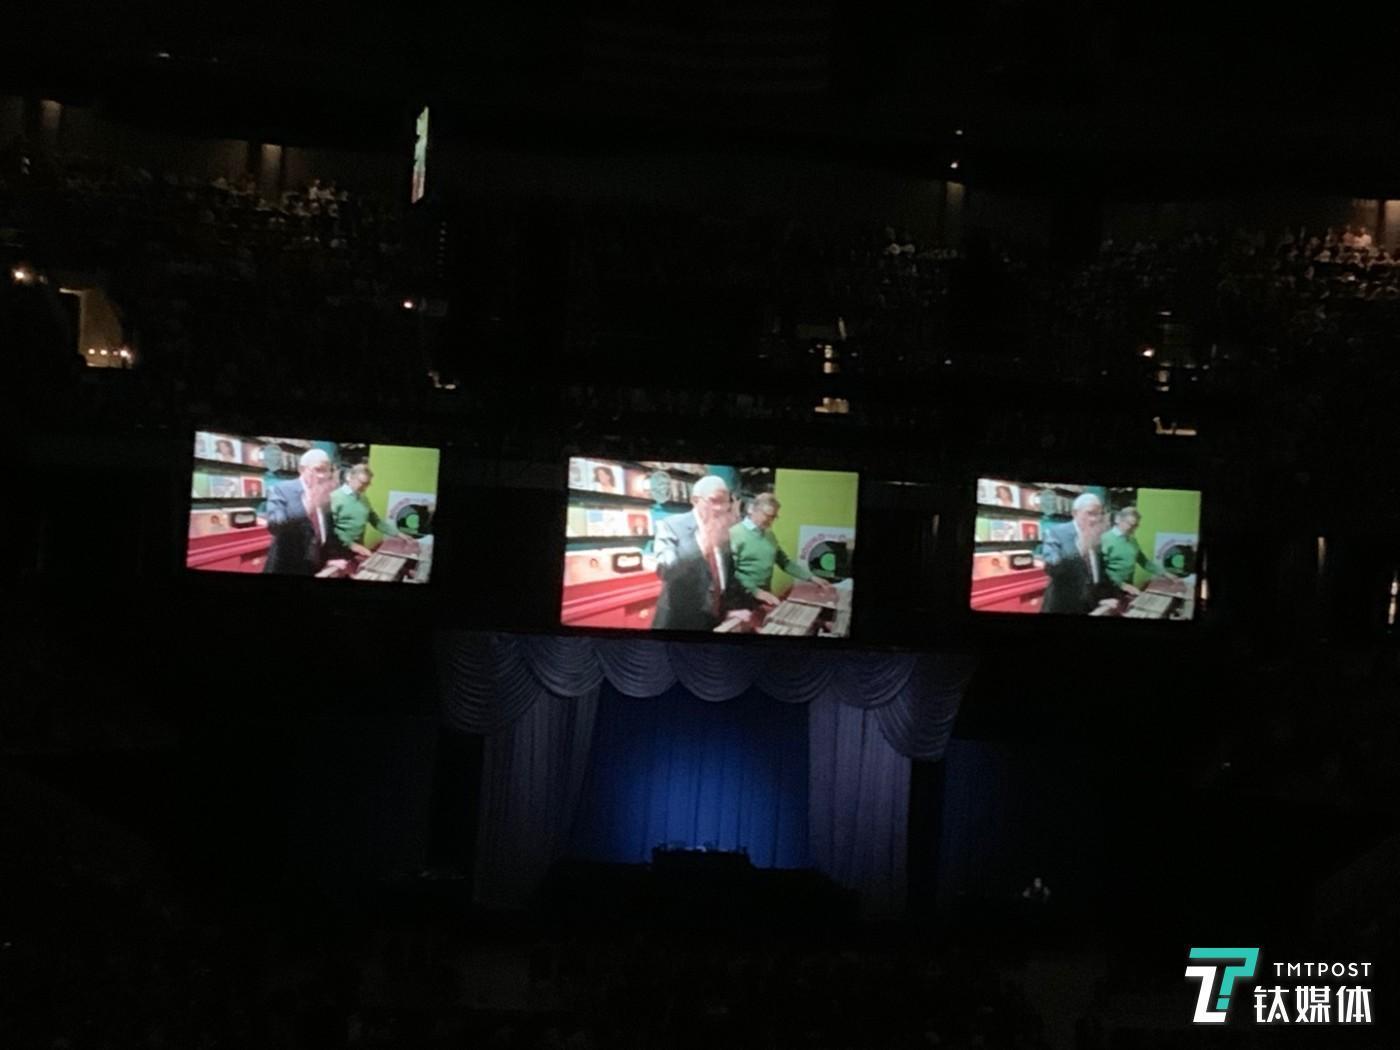 巴菲特向盖茨赠送唱片的暖场视频画面